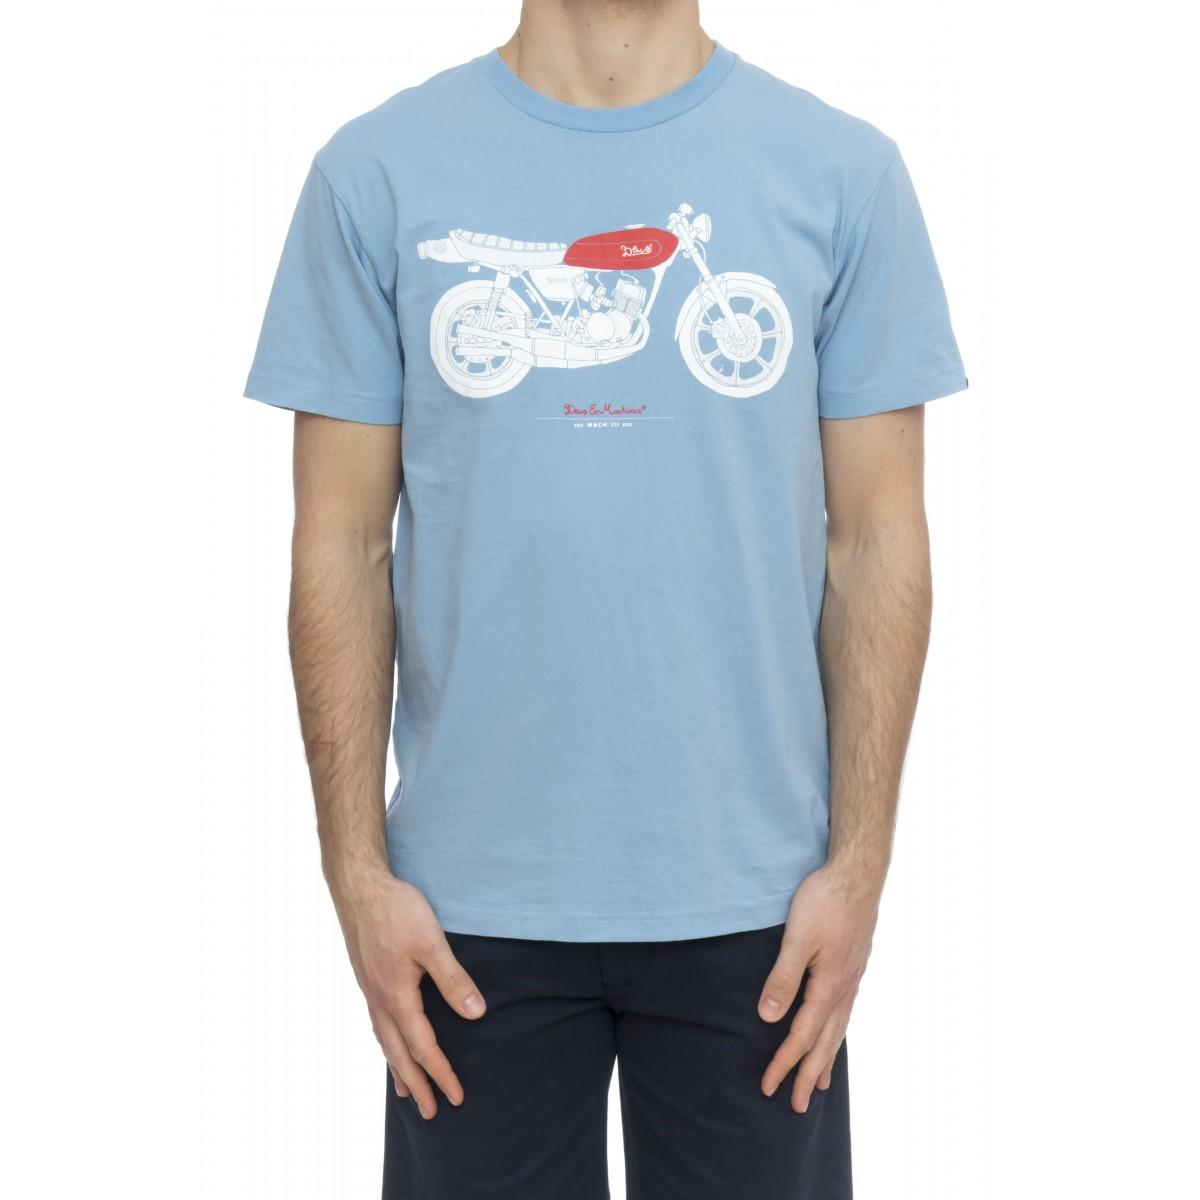 T-shirt - Tee0148 moto